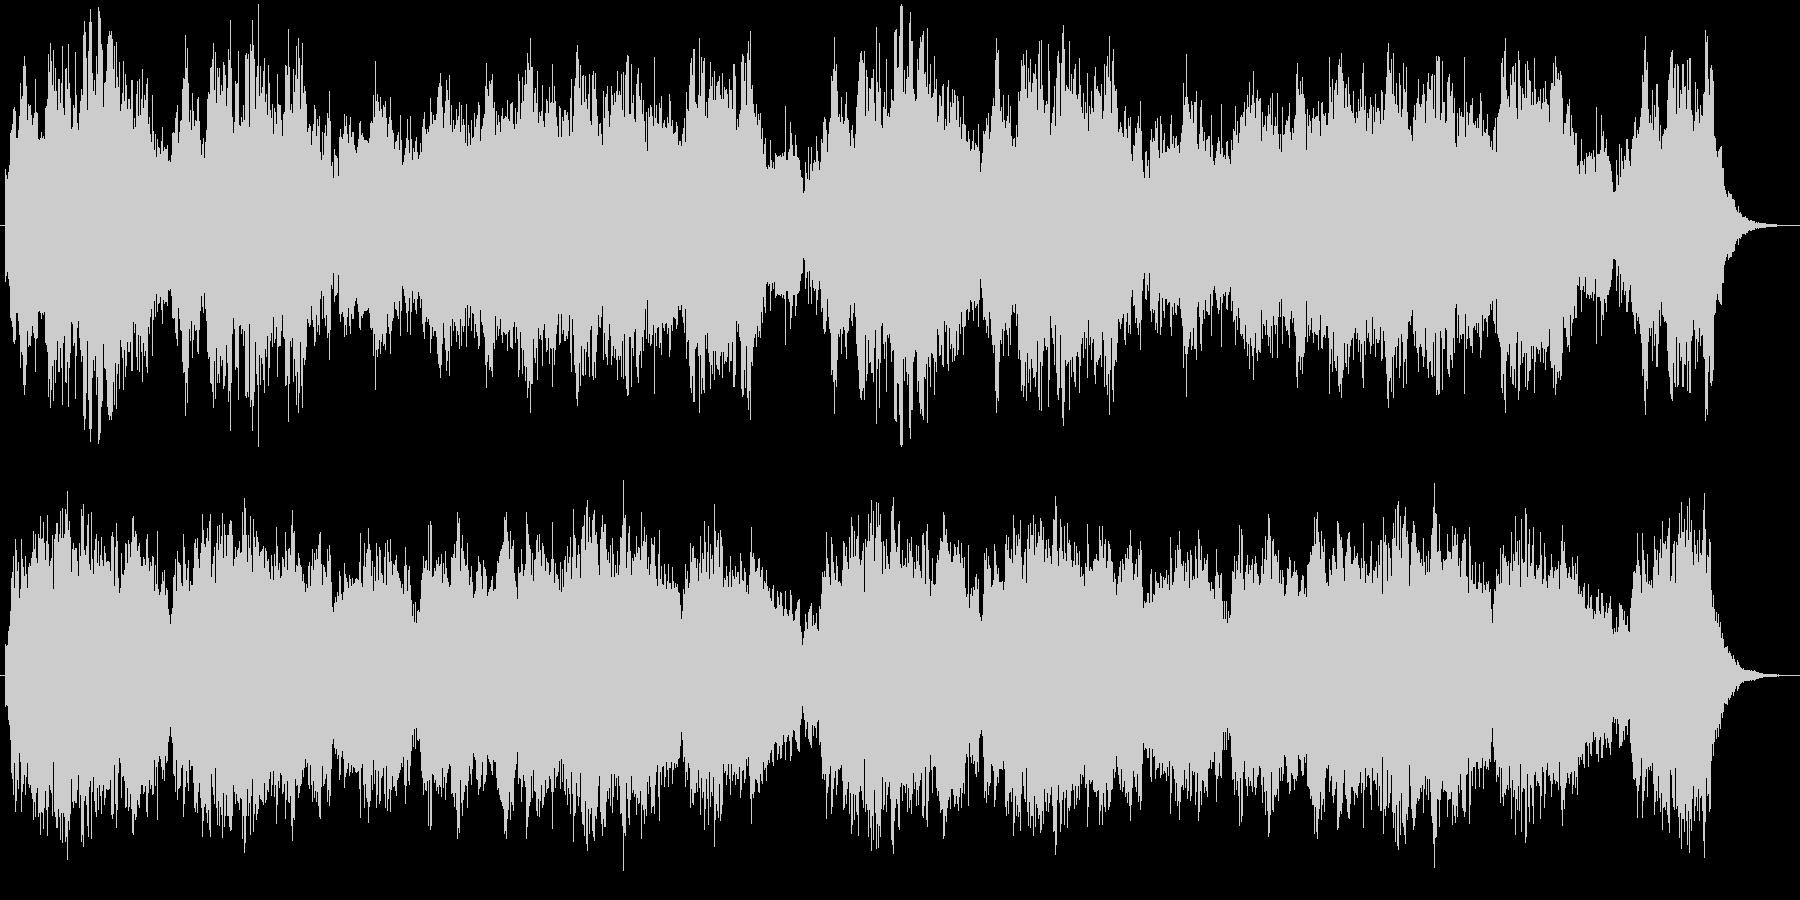 イングリッシュホルンと弦の優美な曲の未再生の波形